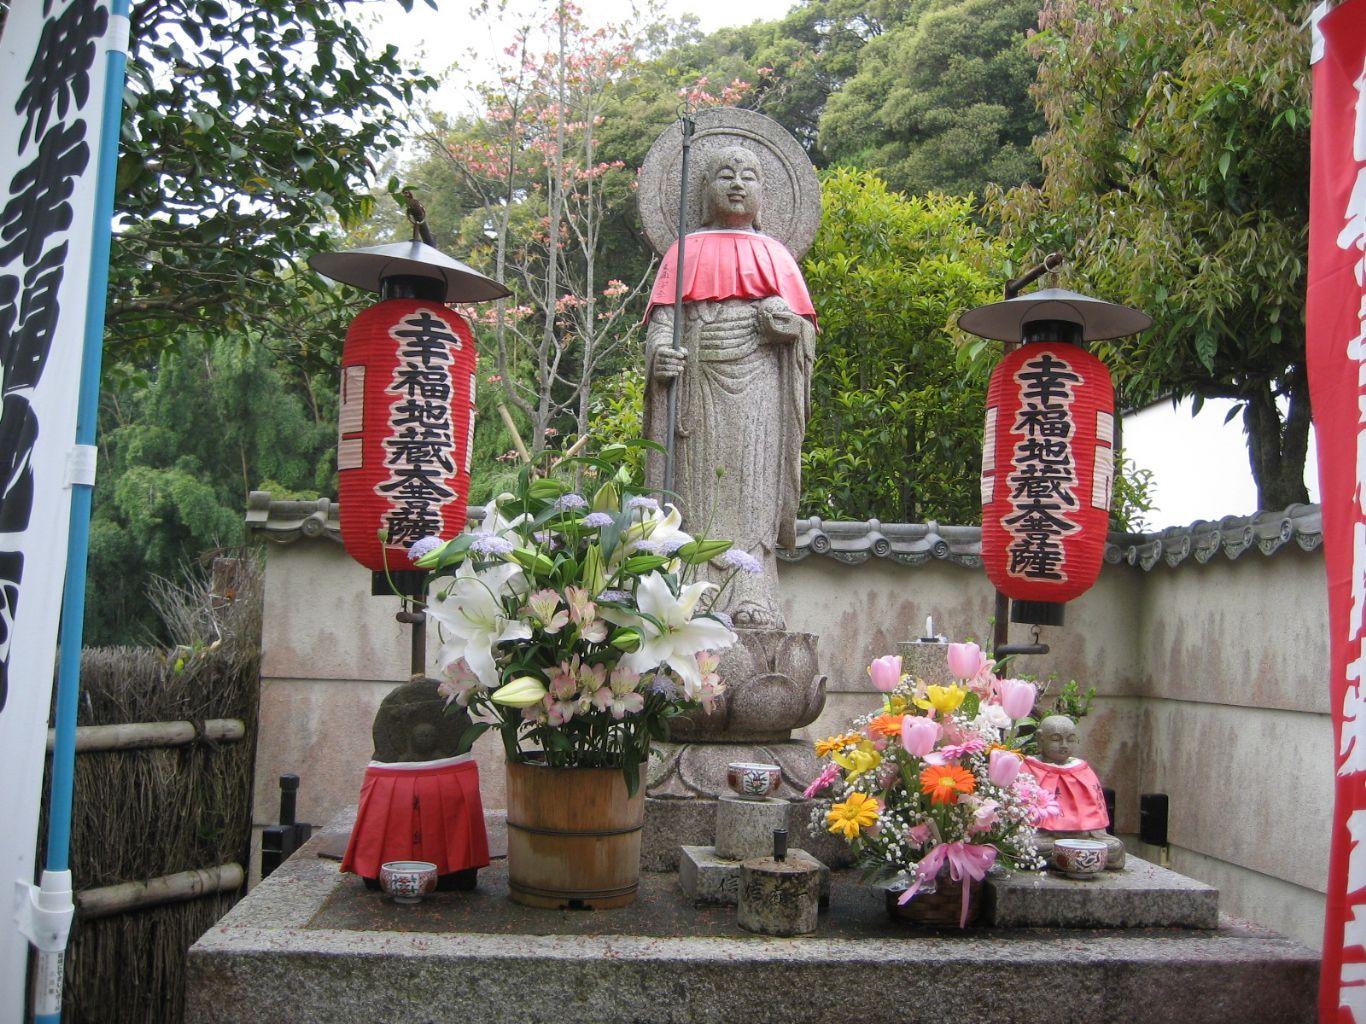 鈴虫寺アクセス(京都駅から鈴虫寺 行き方案内)